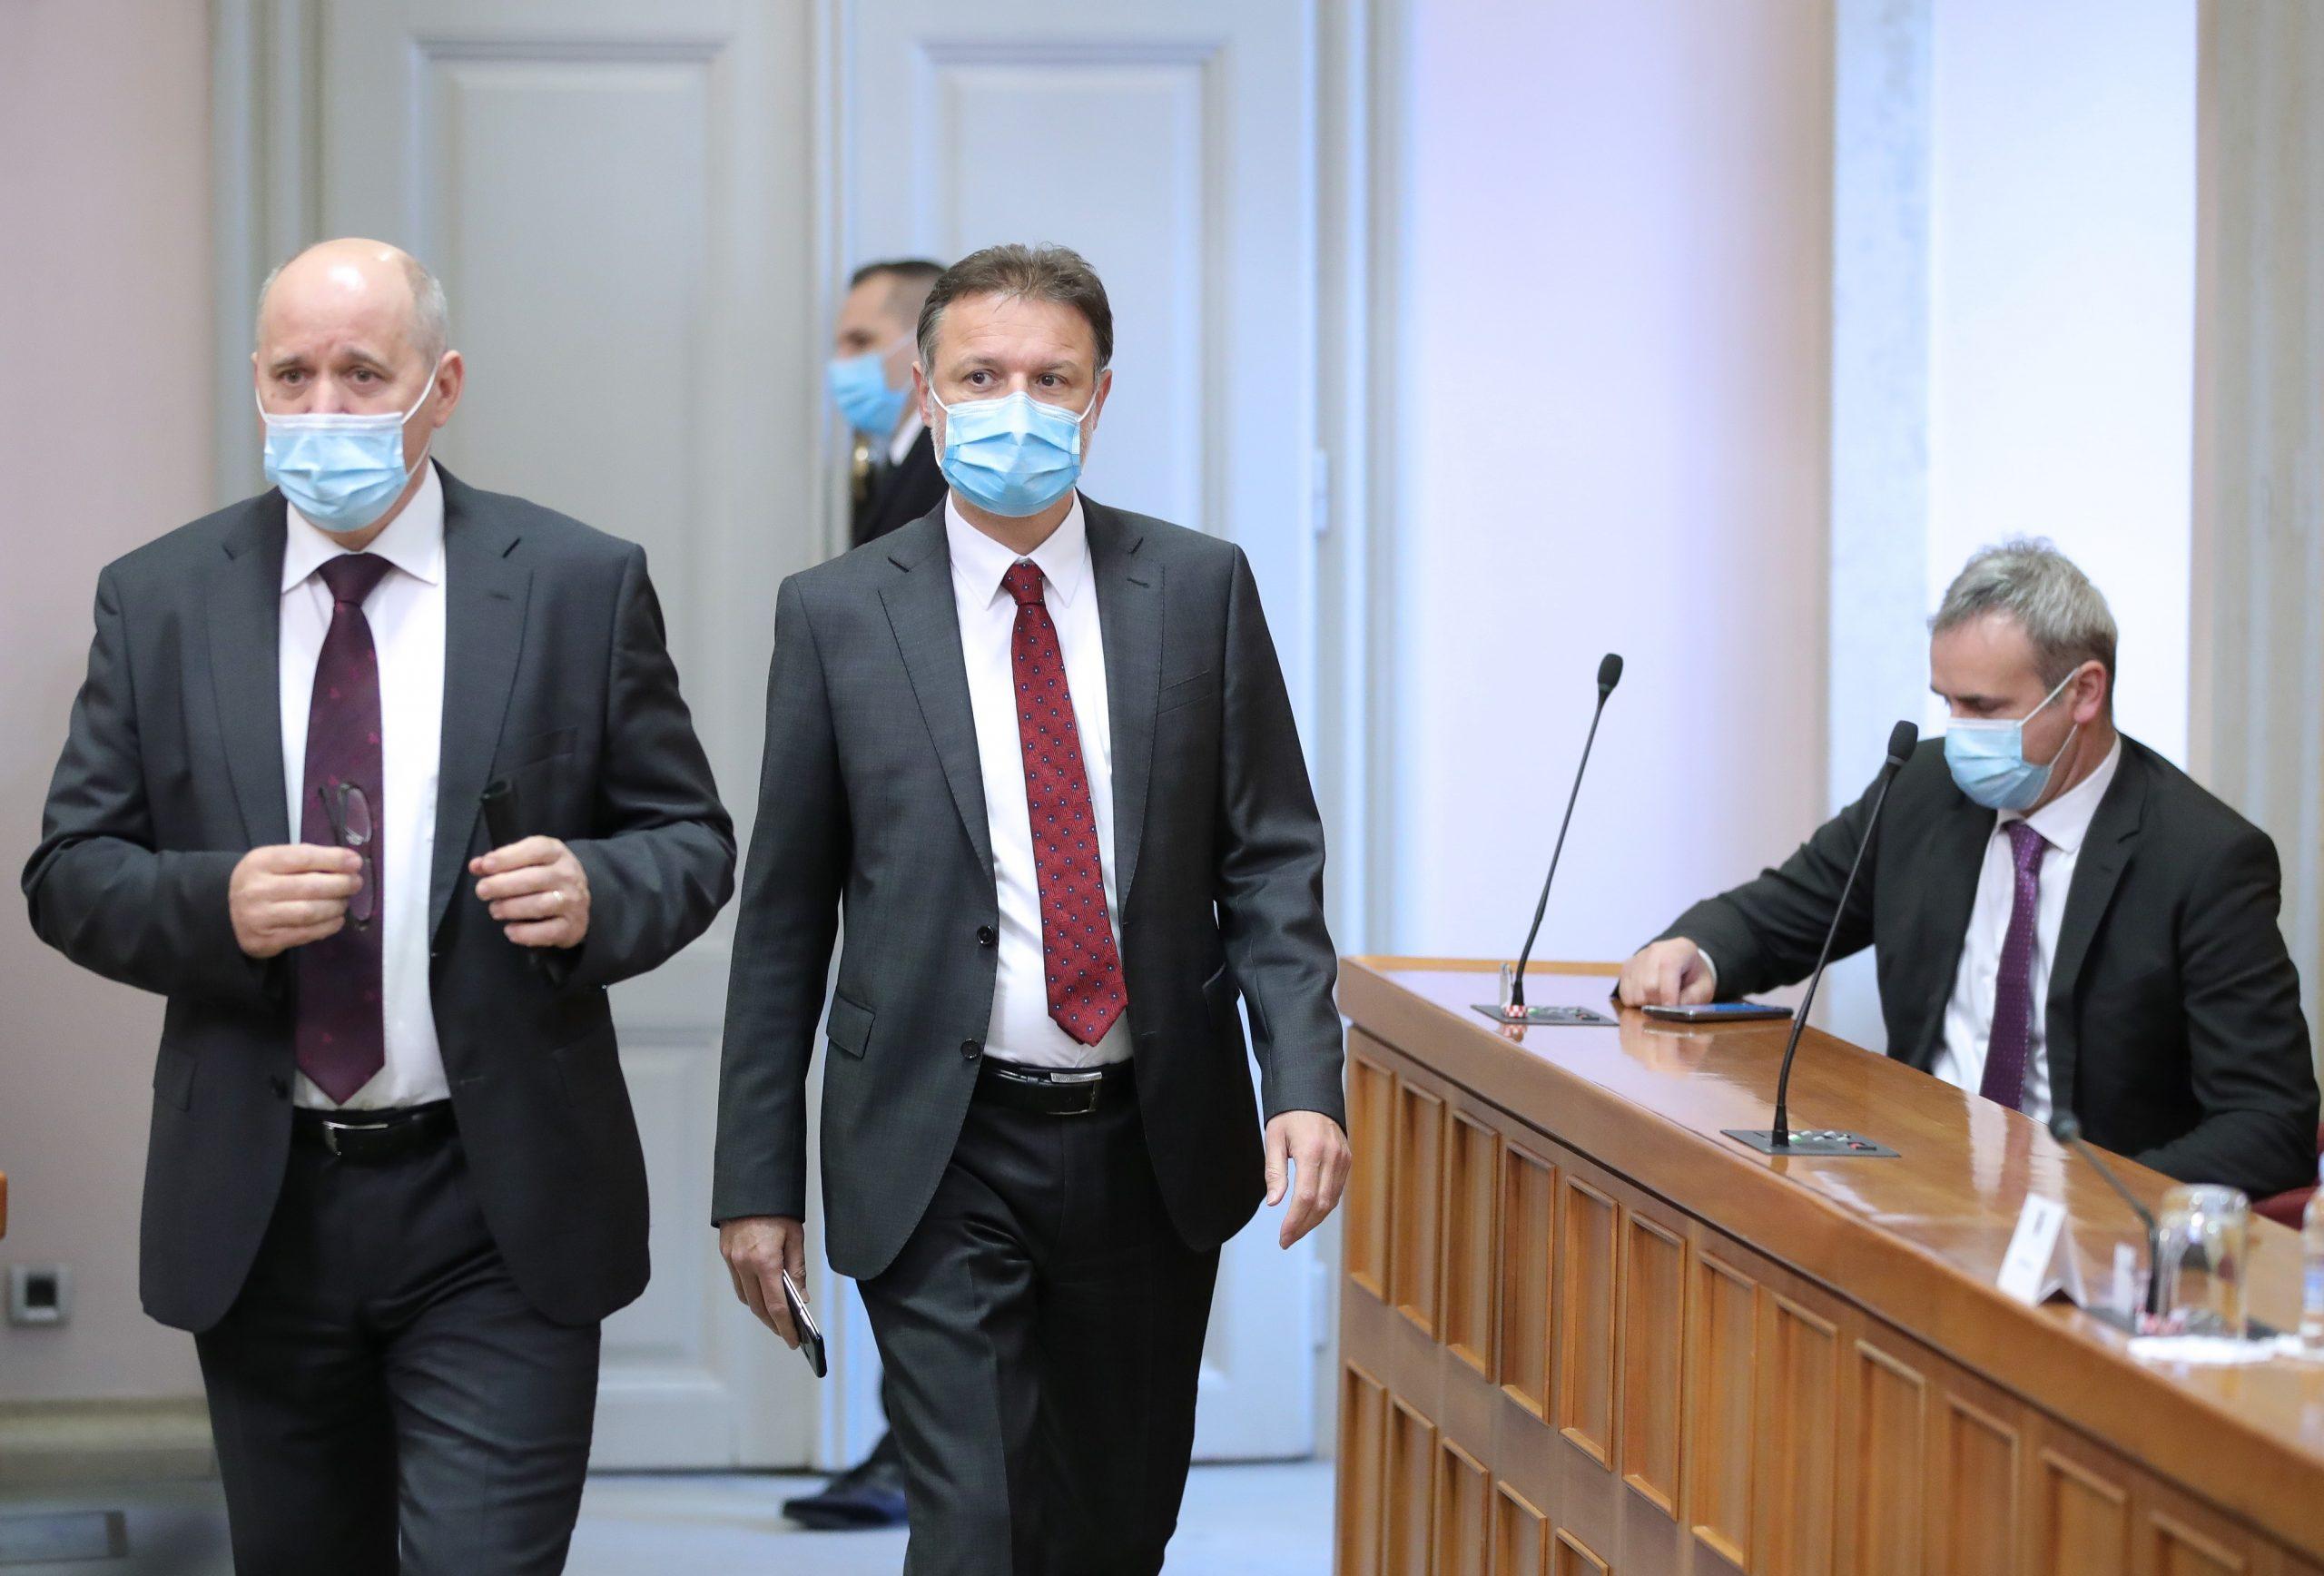 foto: Sanjin Strukić/PIXSELL